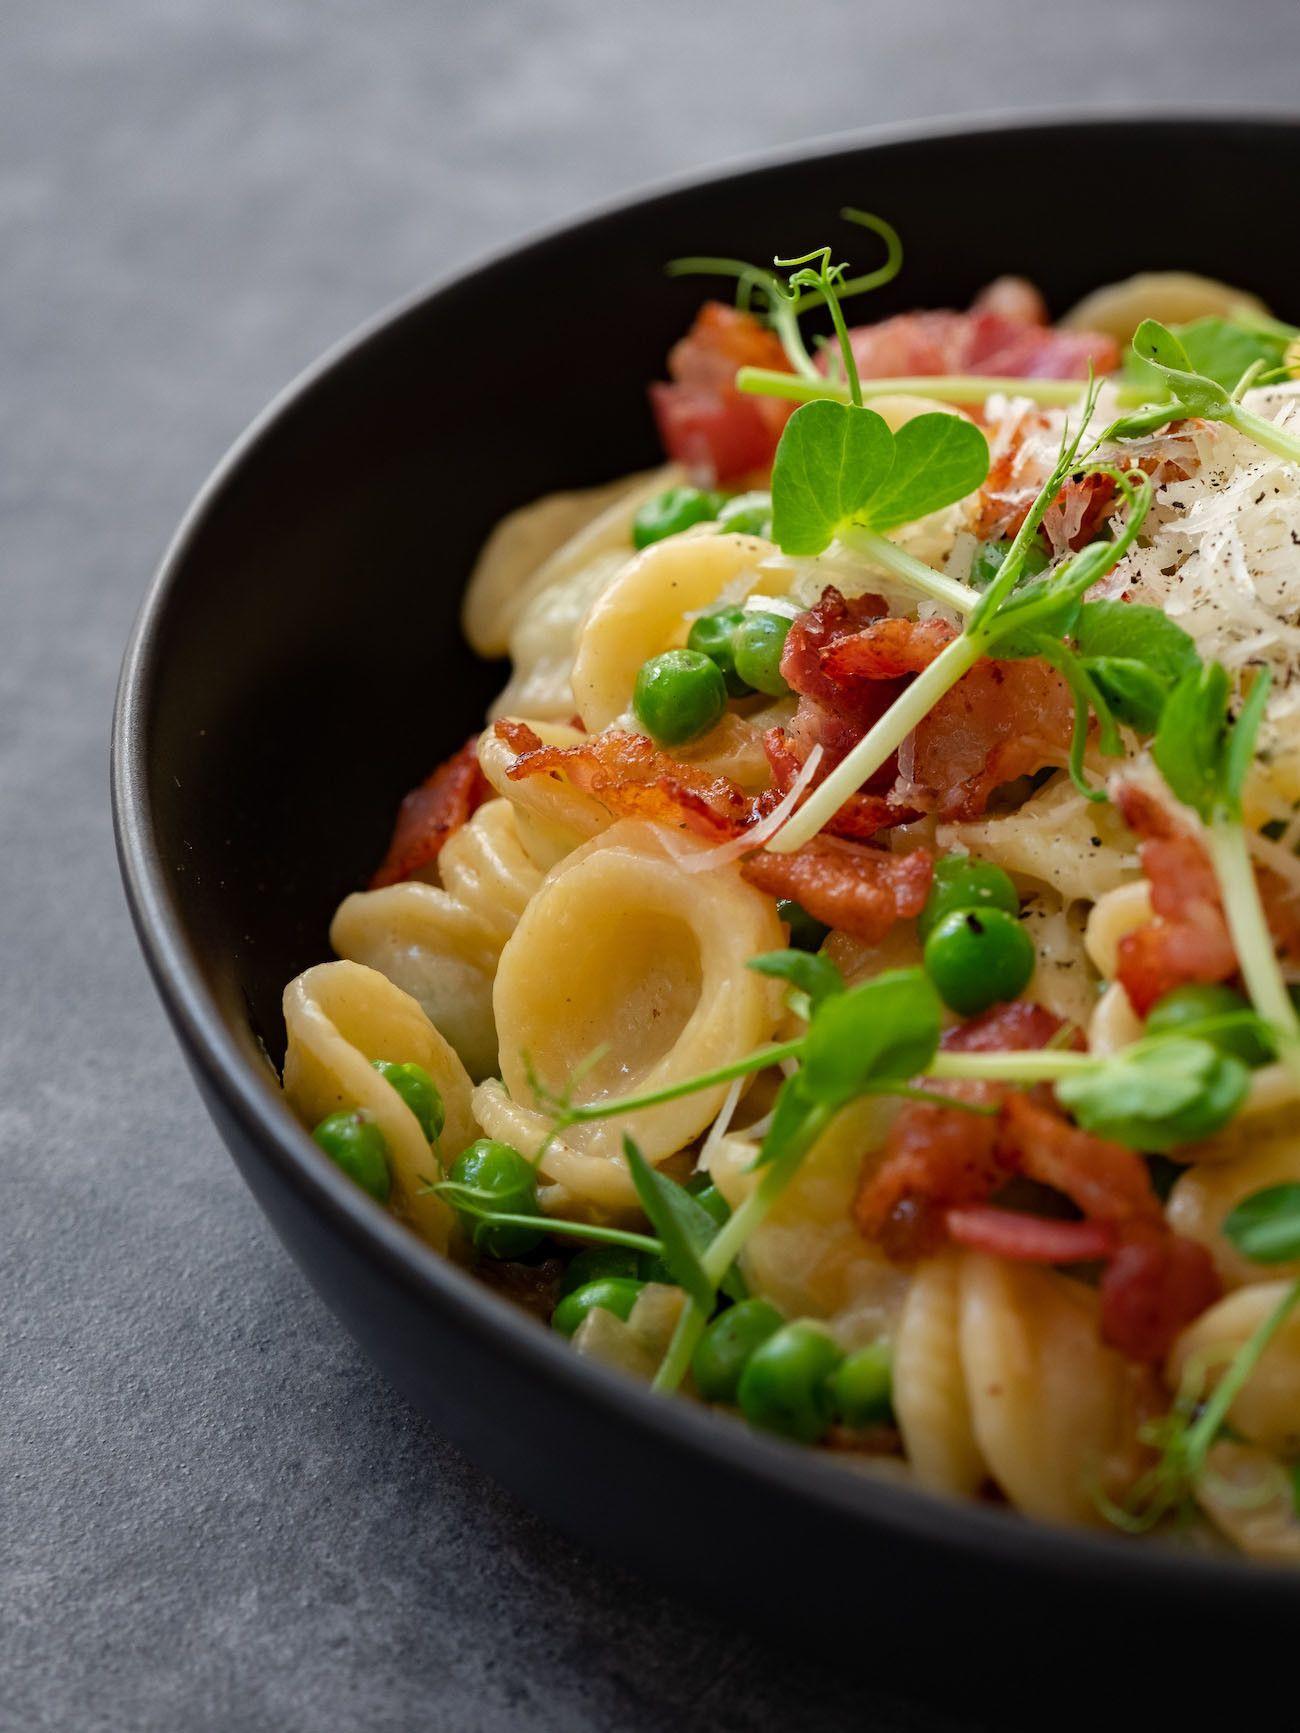 About Fuel, Foodblog, Rezept, Orecchiette mit Erbsen und Speck, Pasta